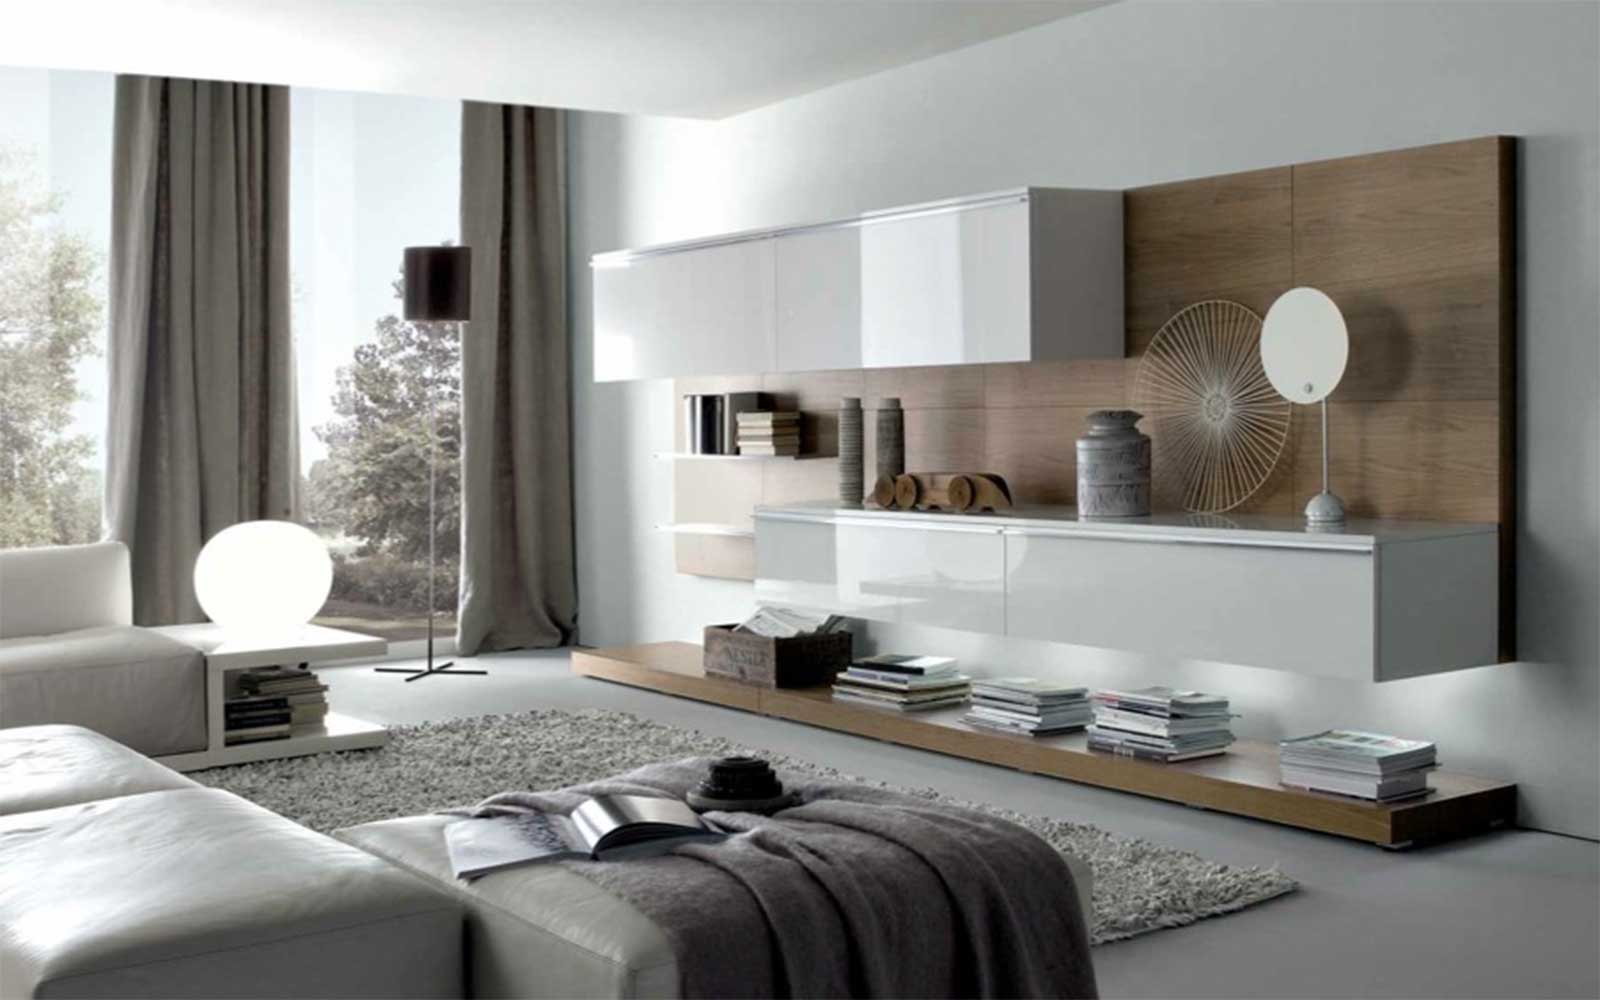 Có nên ốp gạch tường phòng ngủ với một phong cách ấn tượng như thế này